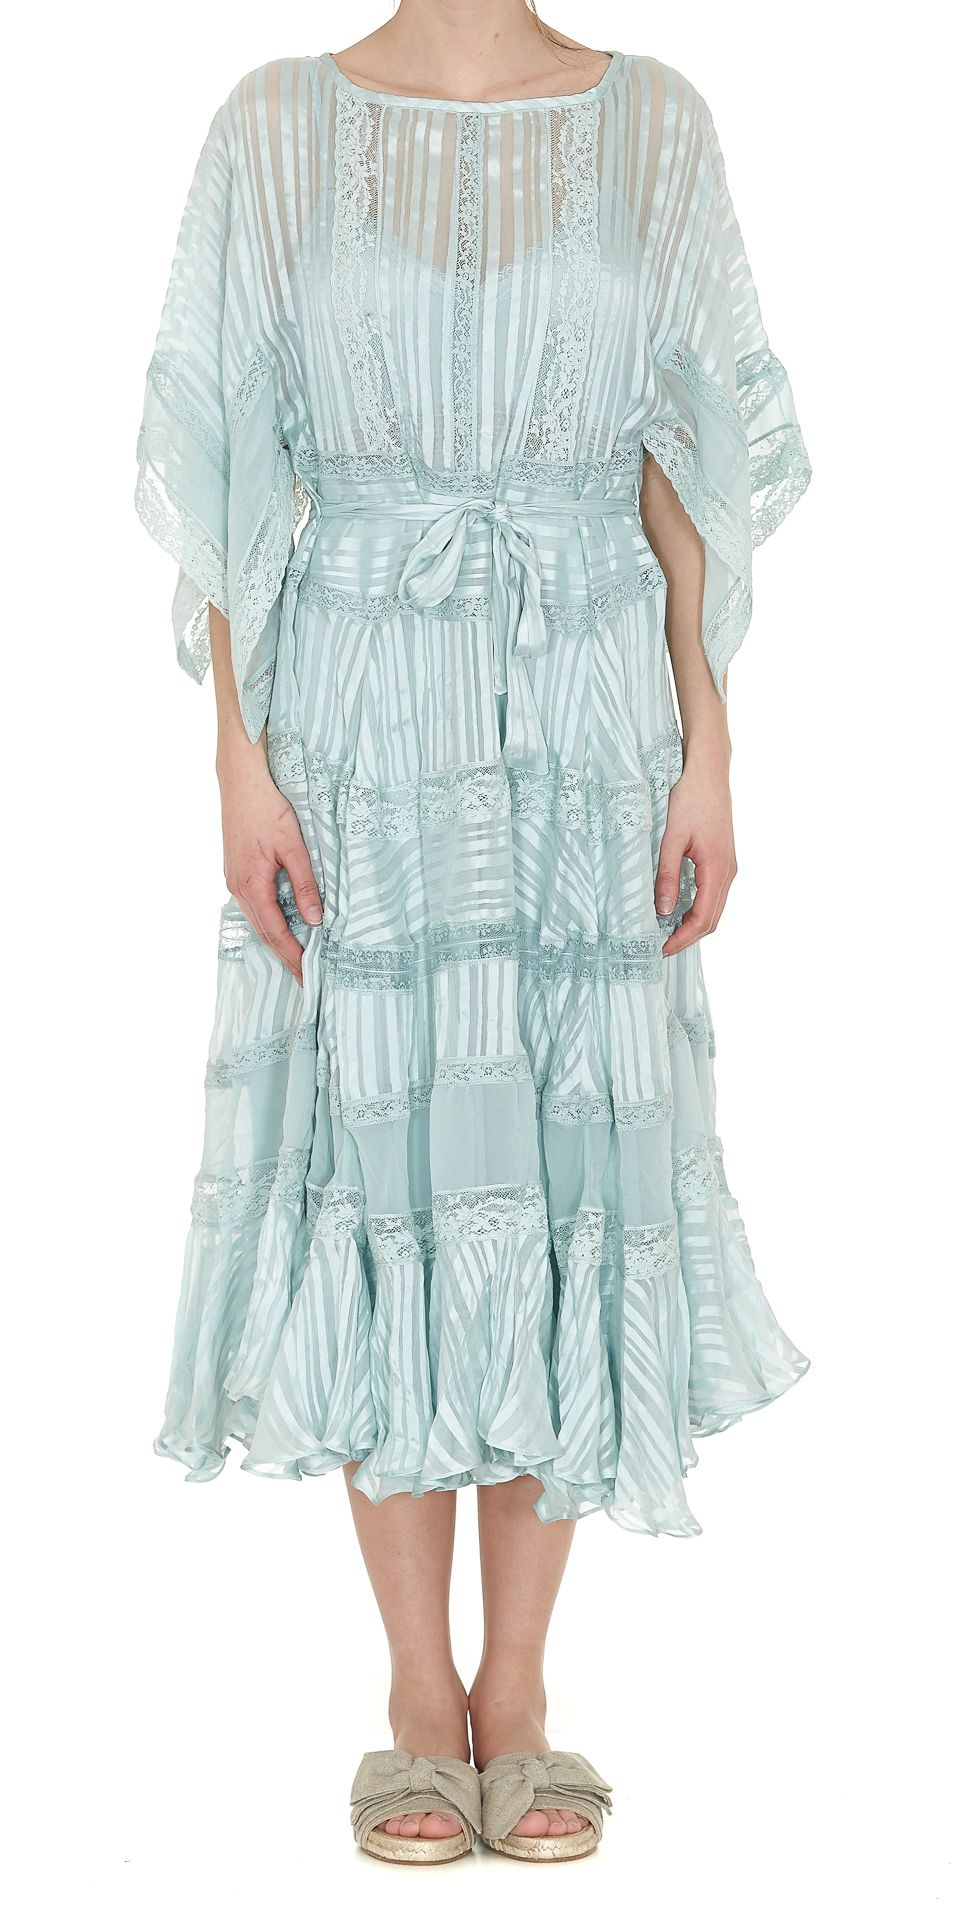 Zimmermann - Zimmermann Whitewave Veil Dress - Sea foam, Women\'s ...